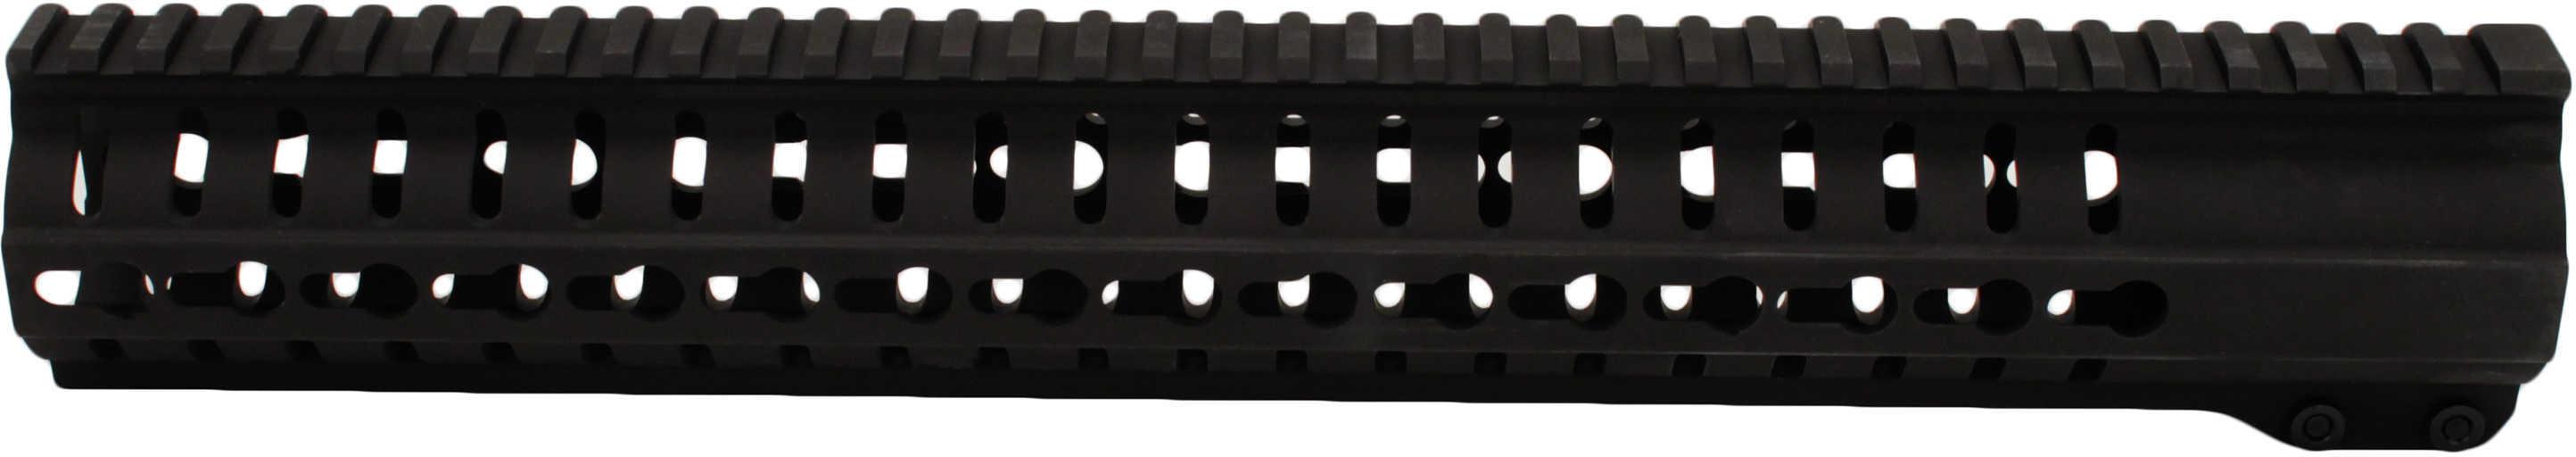 CMMG 308 Handguard 15 Slot Keymod Black High Profile 38DA22D